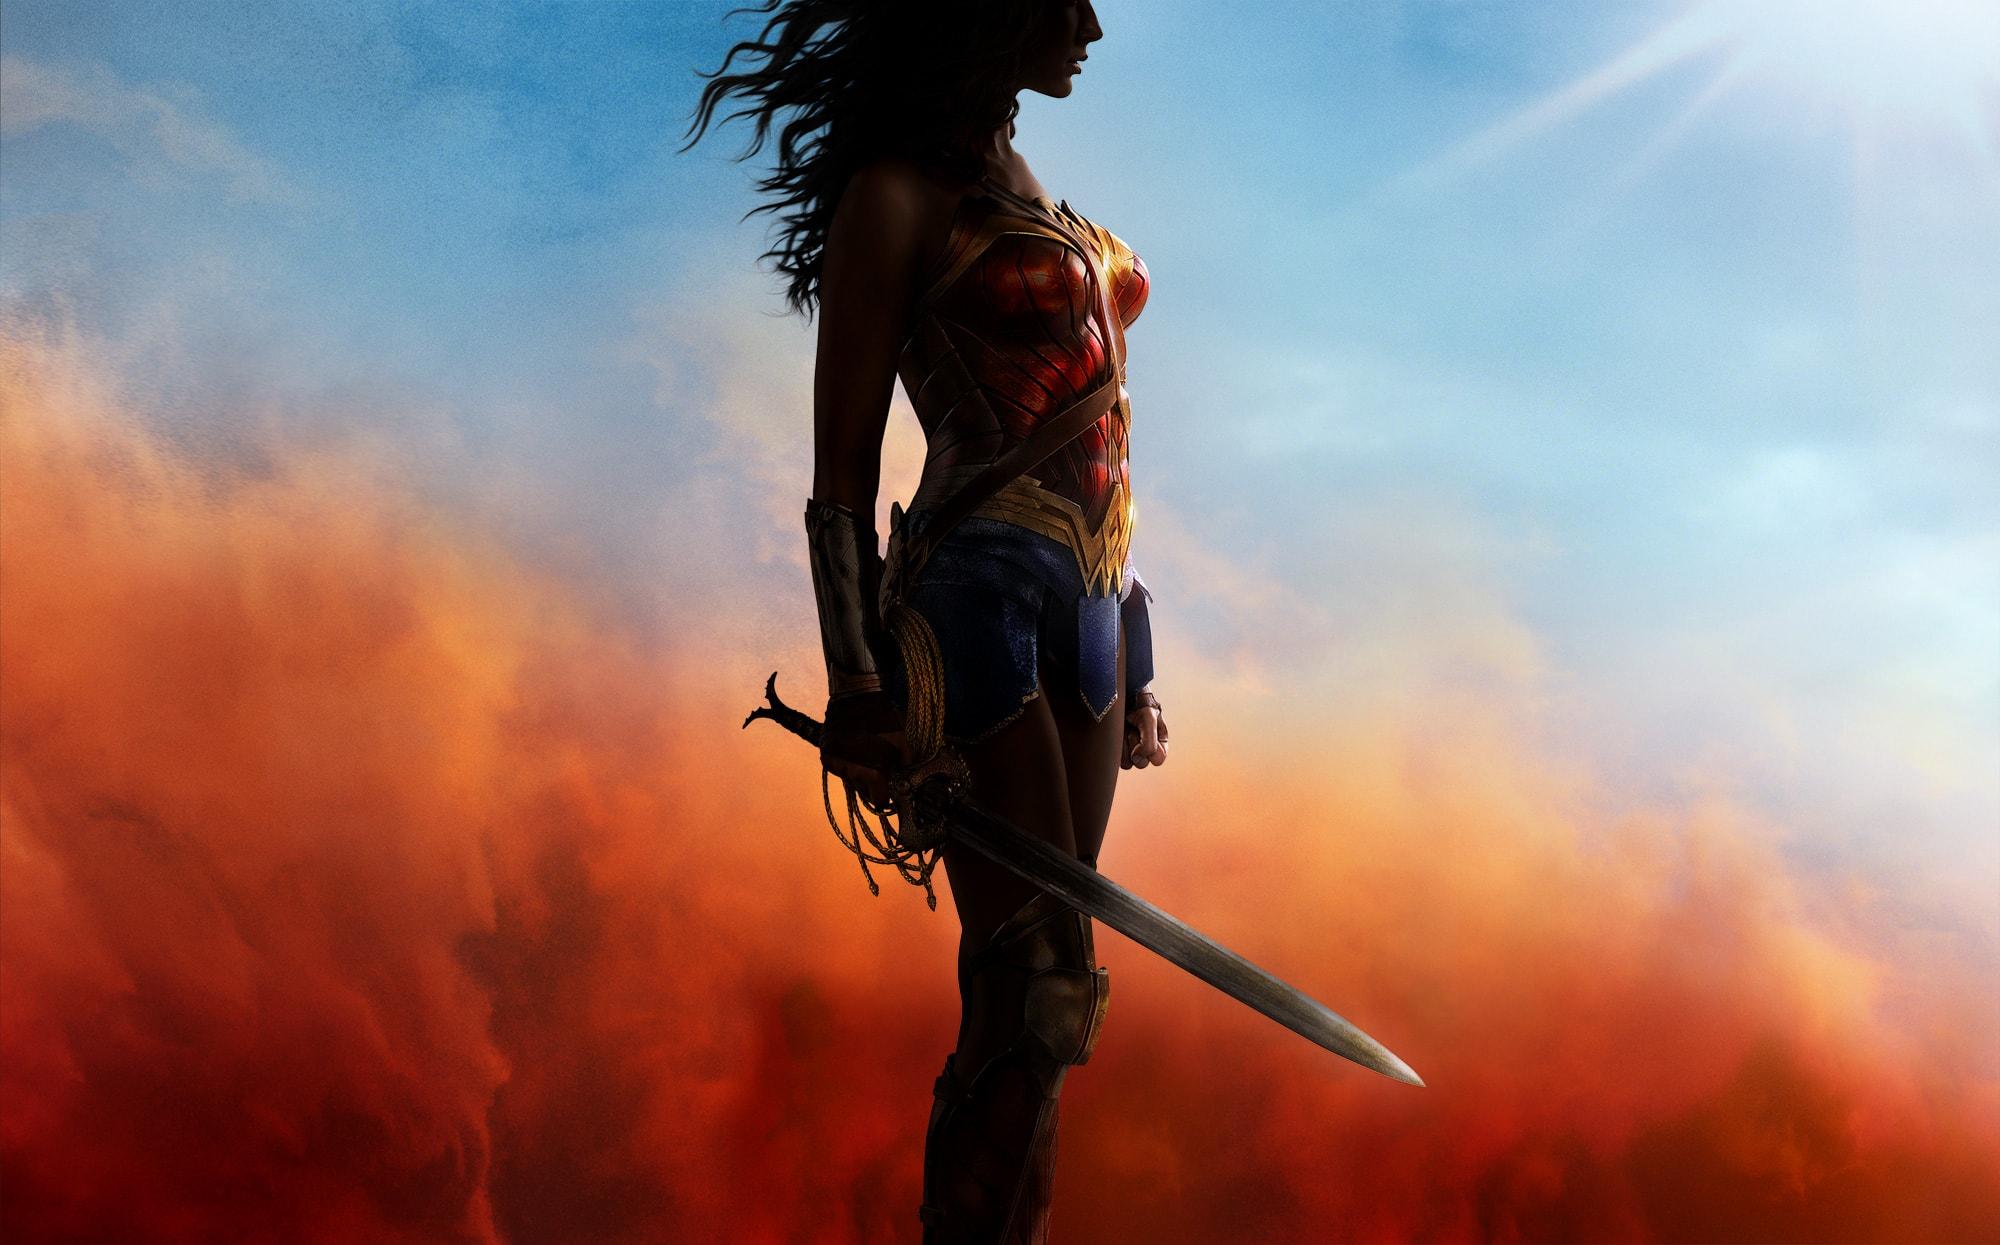 Wonder Woman Widescreen for desktop